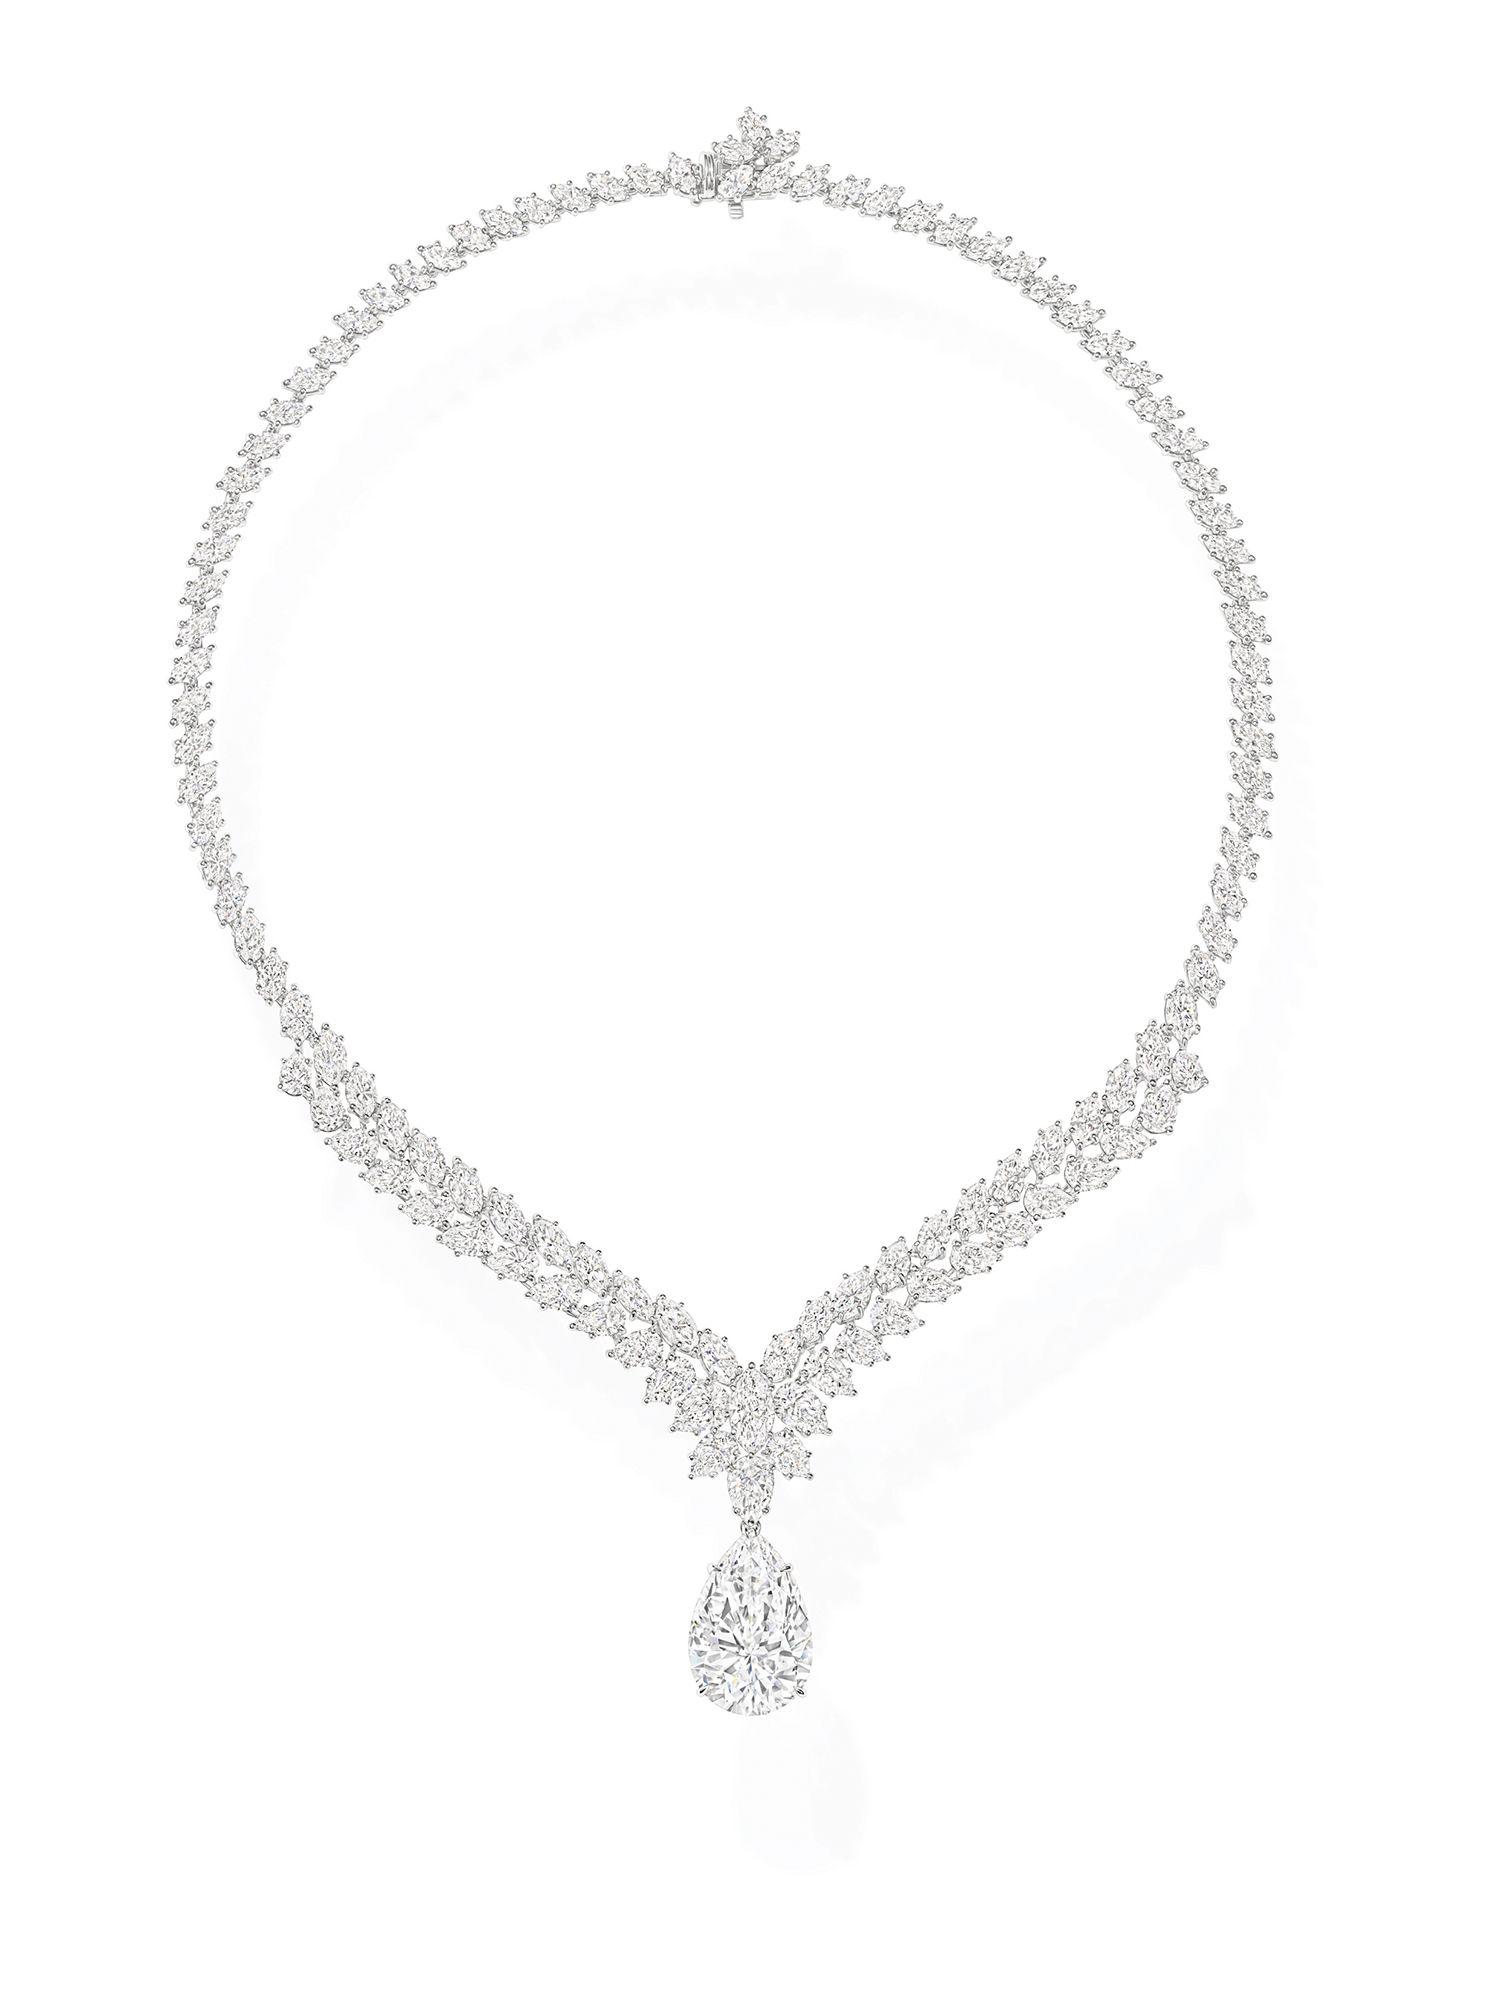 主石為Type IIa型的頂級珠寶系列水滴型切工鑽石項鍊。